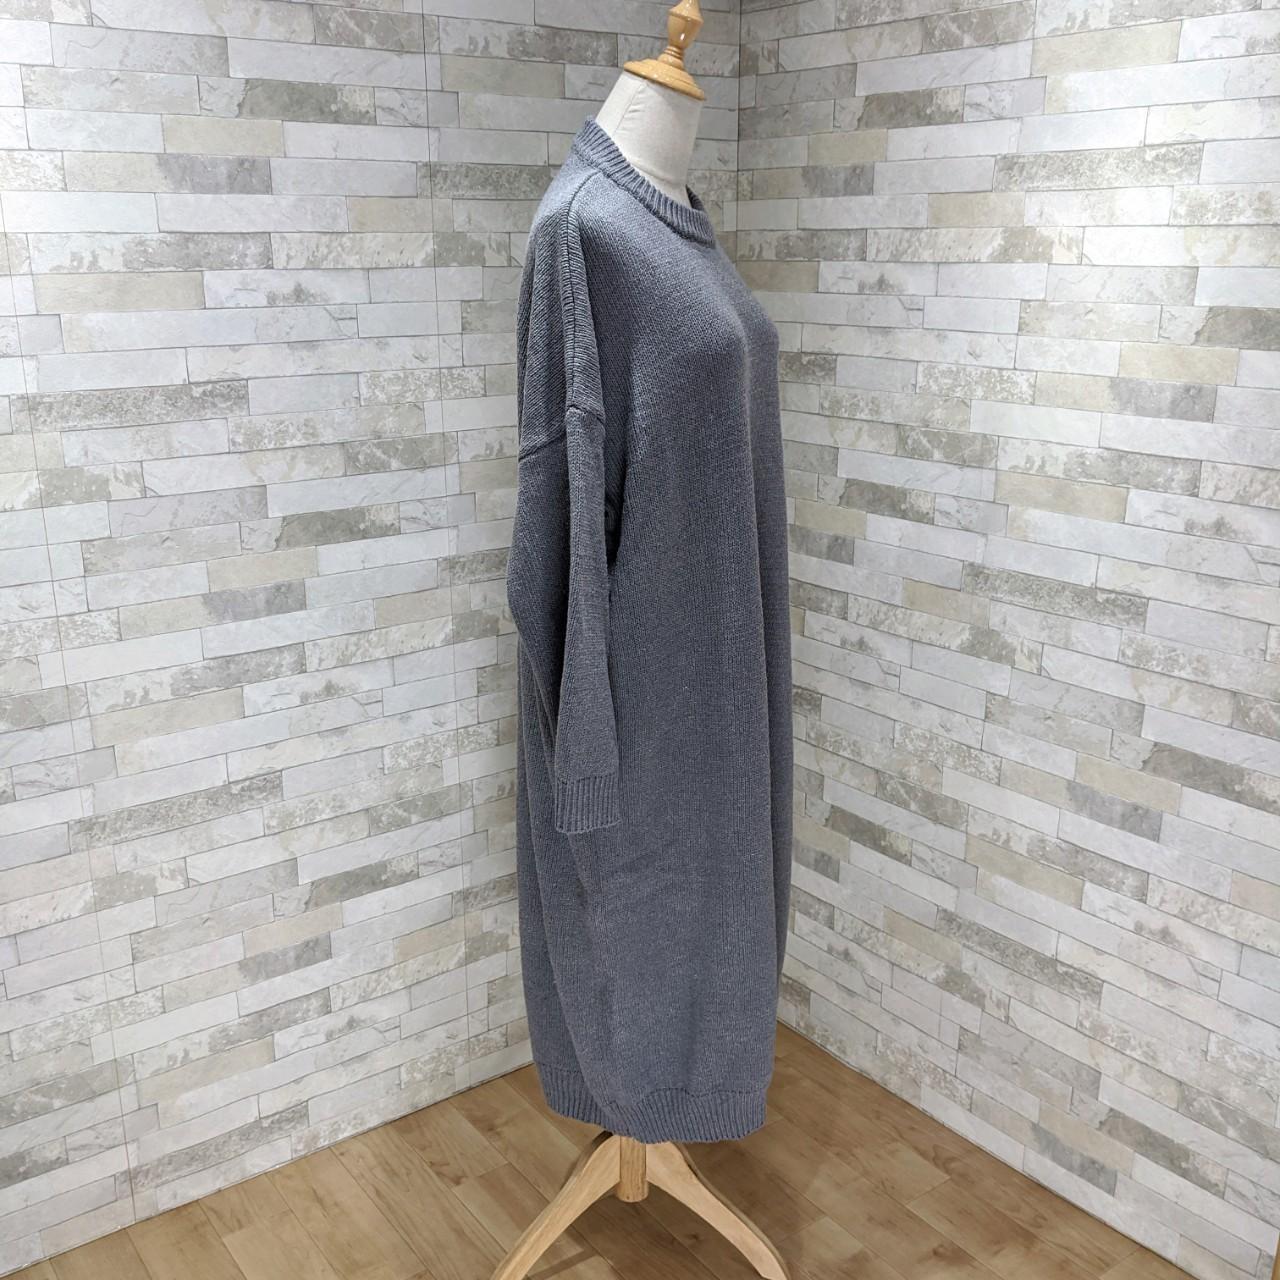 【即納】韓国 ファッション ワンピース 秋 冬 カジュアル SPTXH166  ゆったり リブニットワンピ ビッグシルエット オルチャン シンプル 定番 セレカジの写真4枚目